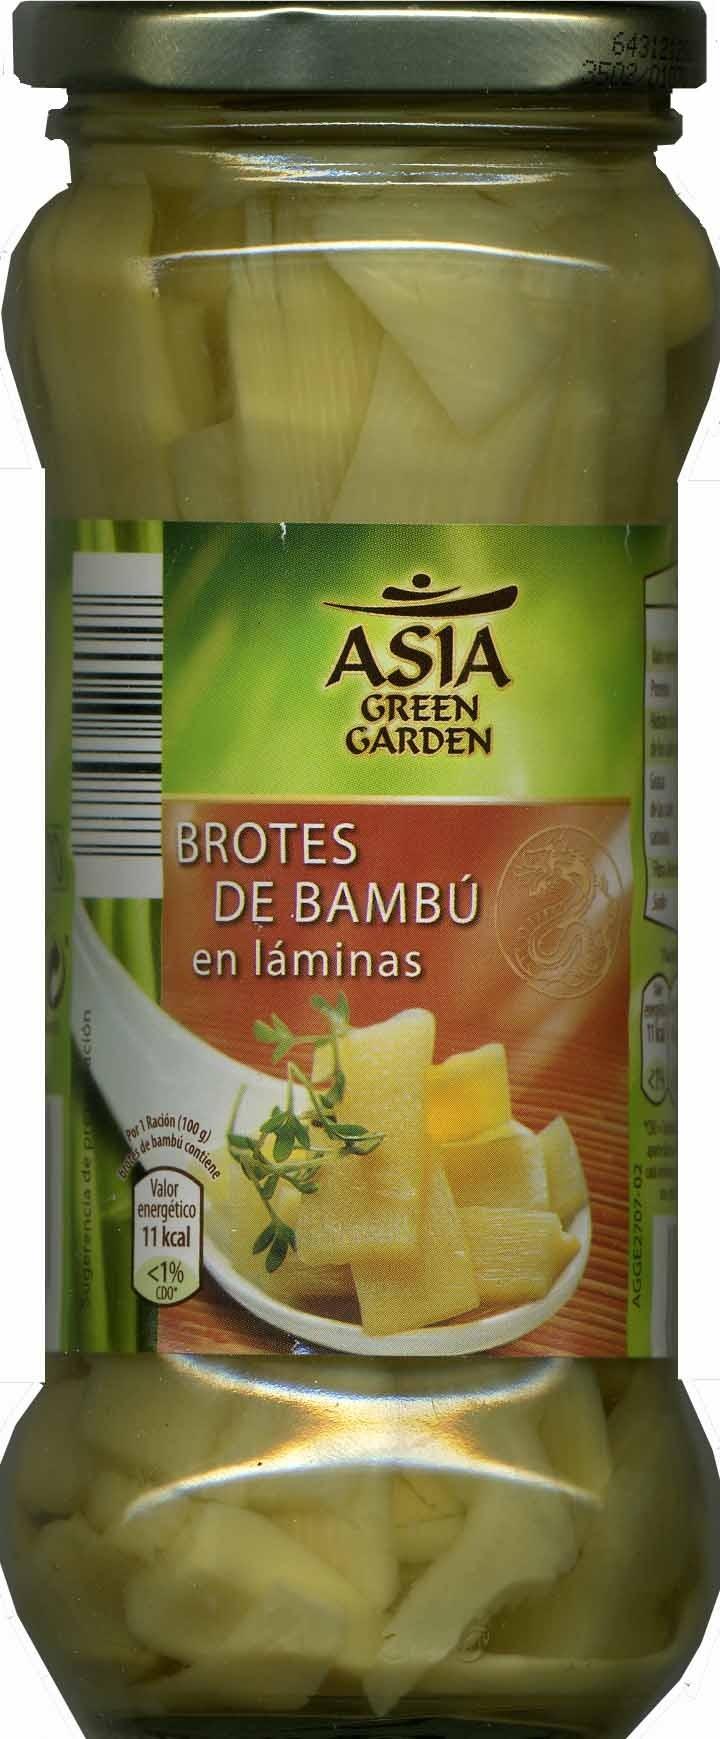 Brotes tiernos de bambú en láminas - Product